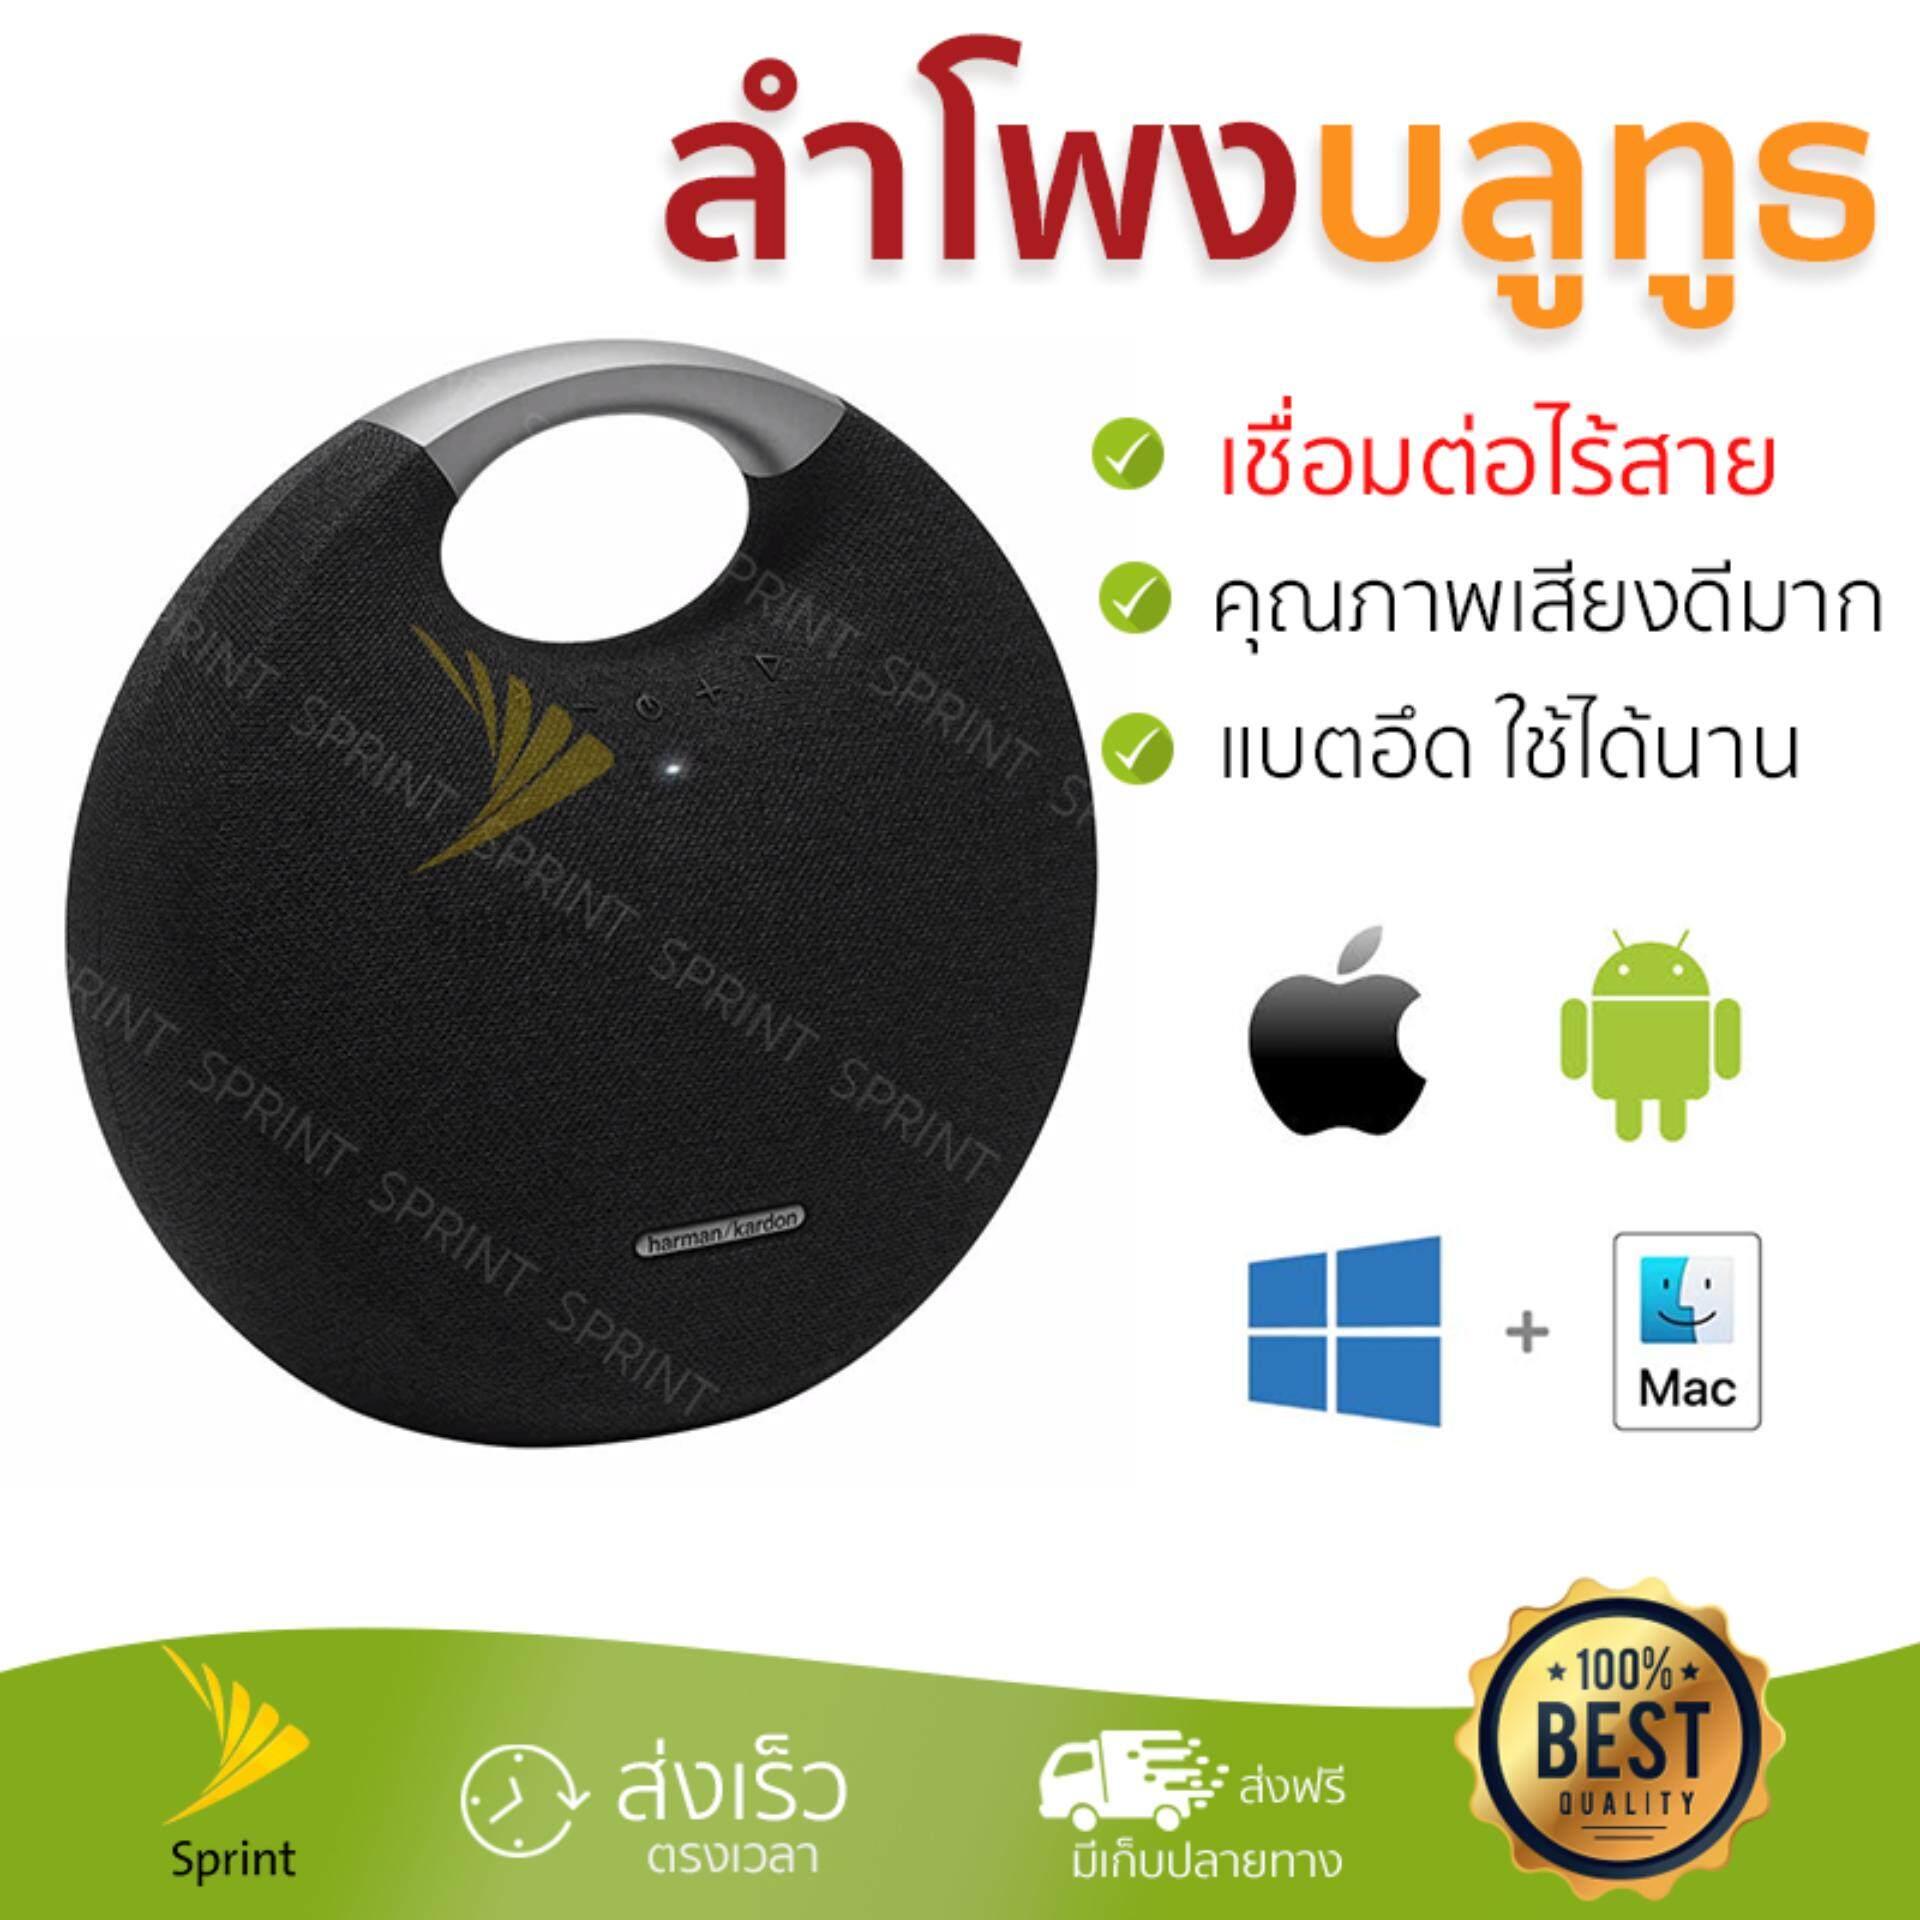 ยี่ห้อนี้ดีไหม  นครปฐม จัดส่งฟรี ลำโพงบลูทูธ  Harman Kardon Bluetooth Speaker 2.1 Onyx Studio 5 Black เสียงใส คุณภาพเกินตัว Wireless Bluetooth Speaker รับประกัน 1 ปี